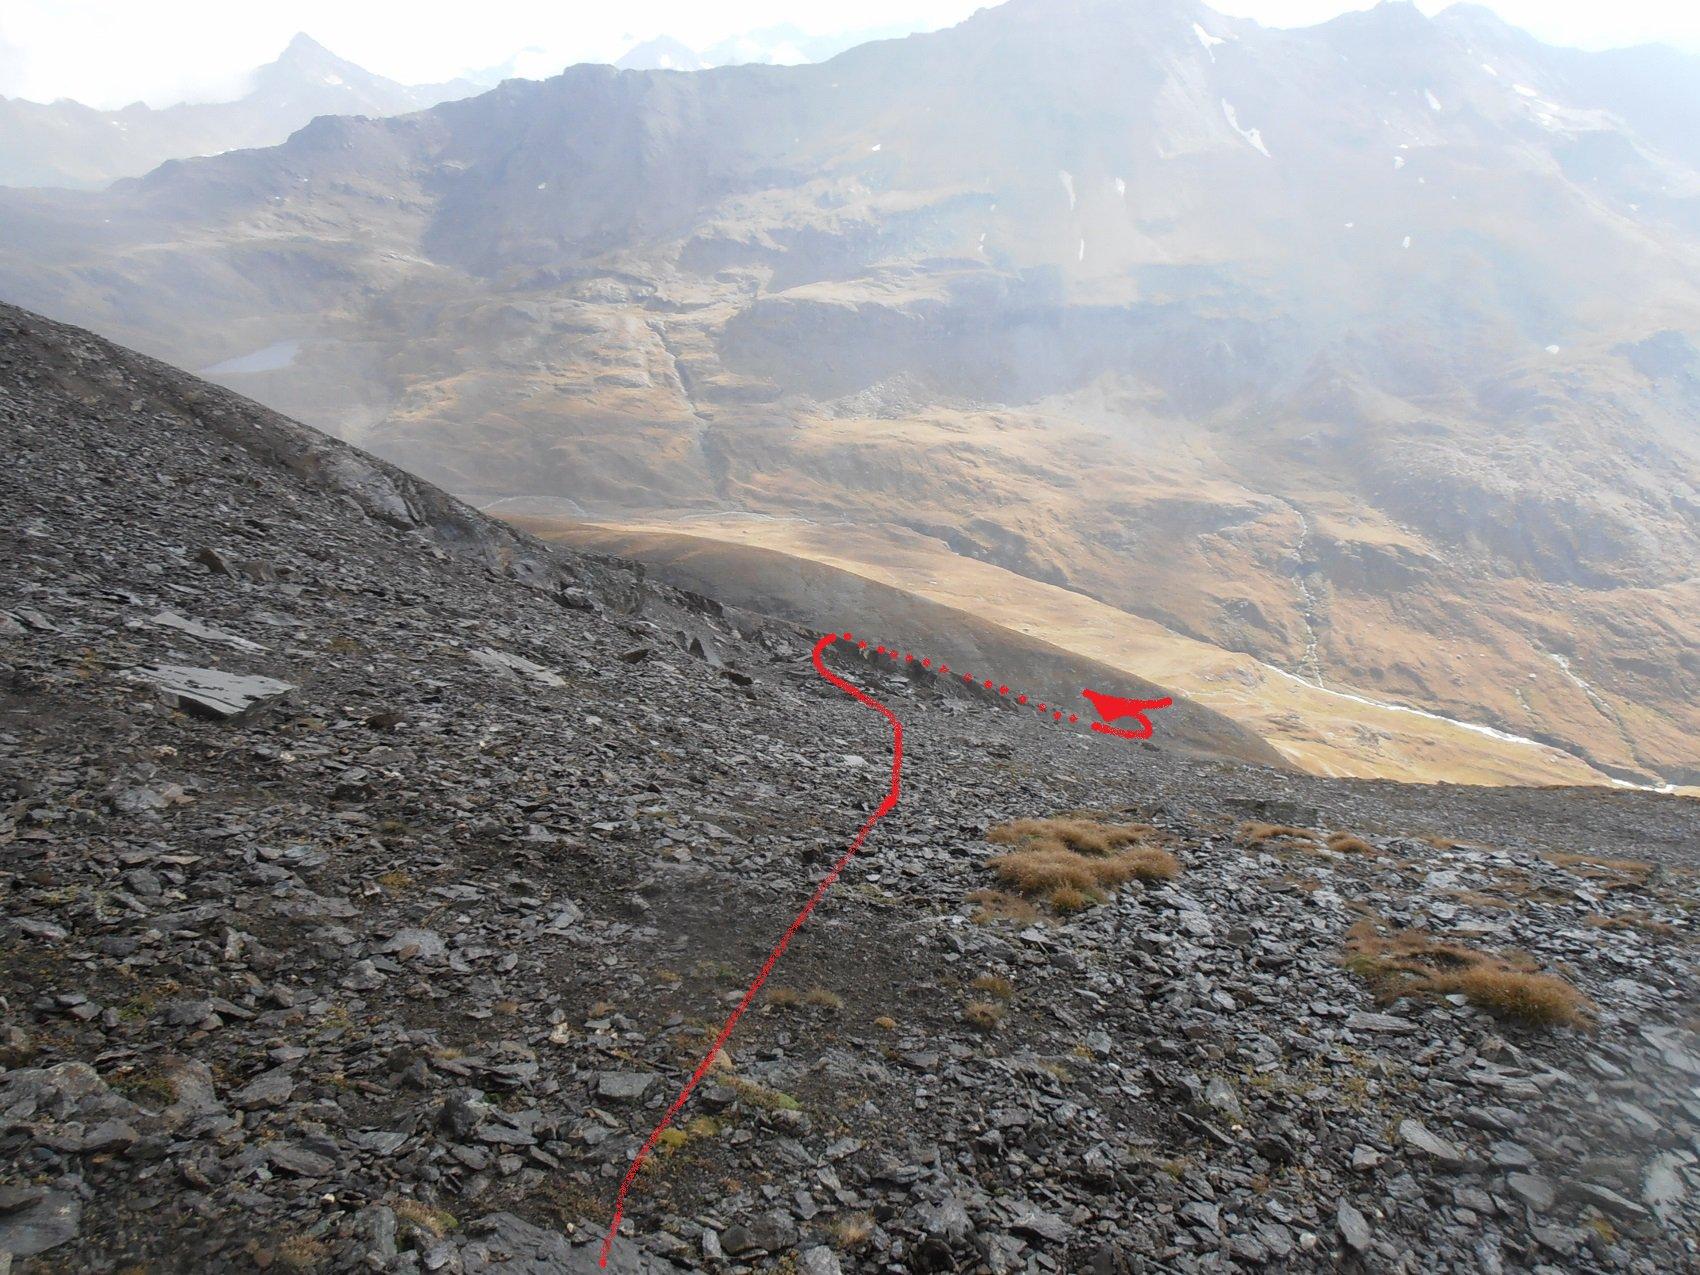 06 - direzione indicativa dal Colle a est della Punta Gianni Vert pe incontrare il passaggio facile di discesa